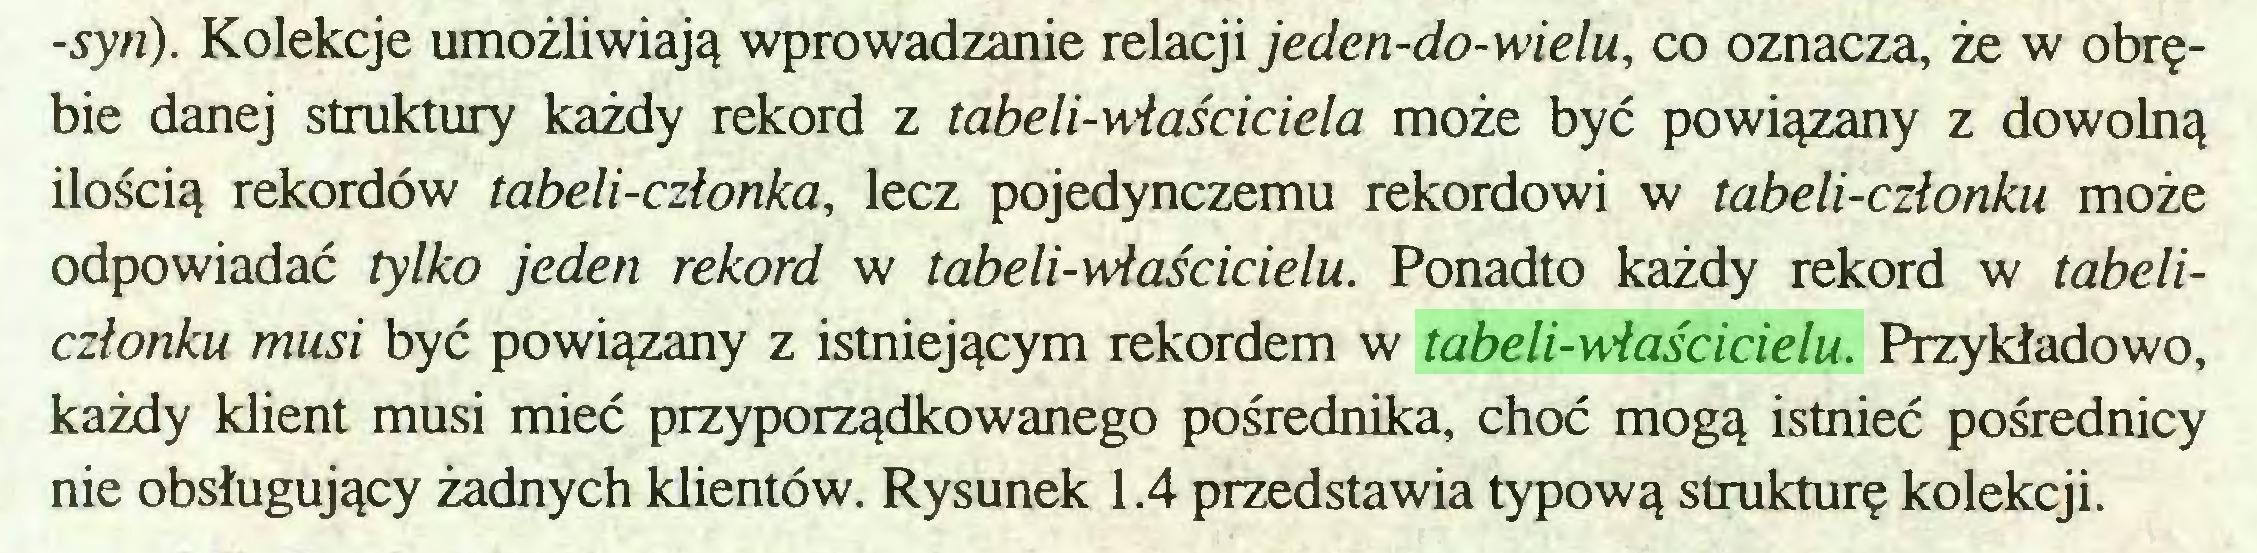 (...) -syri). Kolekcje umożliwiają wprowadzanie relacji jeden-do-wielu, co oznacza, że w obrębie danej struktury każdy rekord z tabeli-właściciela może być powiązany z dowolną ilością rekordów tabeli-członka, lecz pojedynczemu rekordowi w tabeli-członku może odpowiadać tylko jeden rekord w tabeli-właścicielu. Ponadto każdy rekord w tabeliczłonku musi być powiązany z istniejącym rekordem w tabeli-właścicielu. Przykładowo, każdy klient musi mieć przyporządkowanego pośrednika, choć mogą istnieć pośrednicy nie obsługujący żadnych klientów. Rysunek 1.4 przedstawia typową strukturę kolekcji...